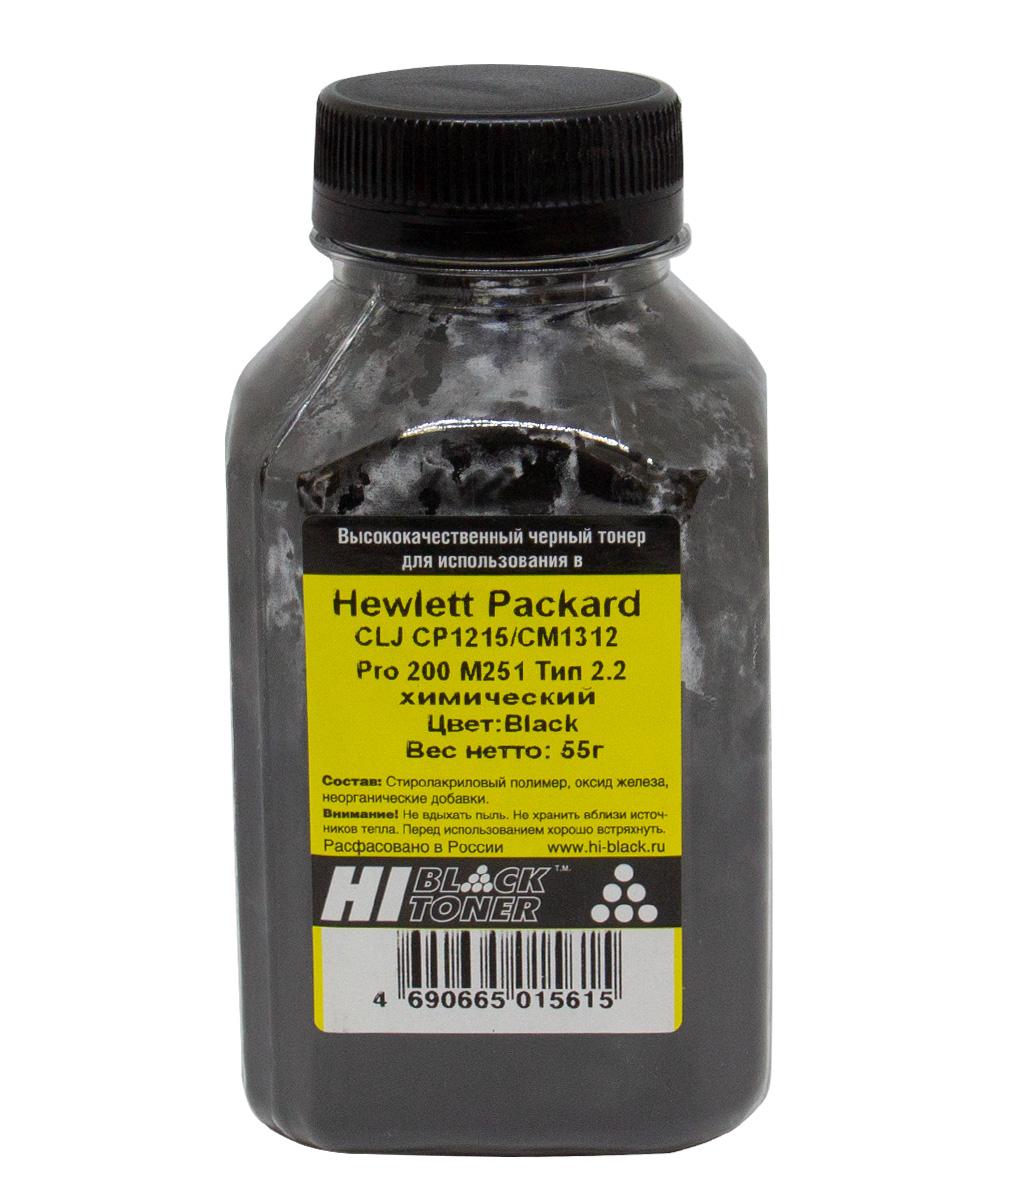 Тонер Hi-Black для HP CLJ CP1215/CM1312/Pro 200 M251, Химический, Тип 2.2, Bk, 55 г, банка